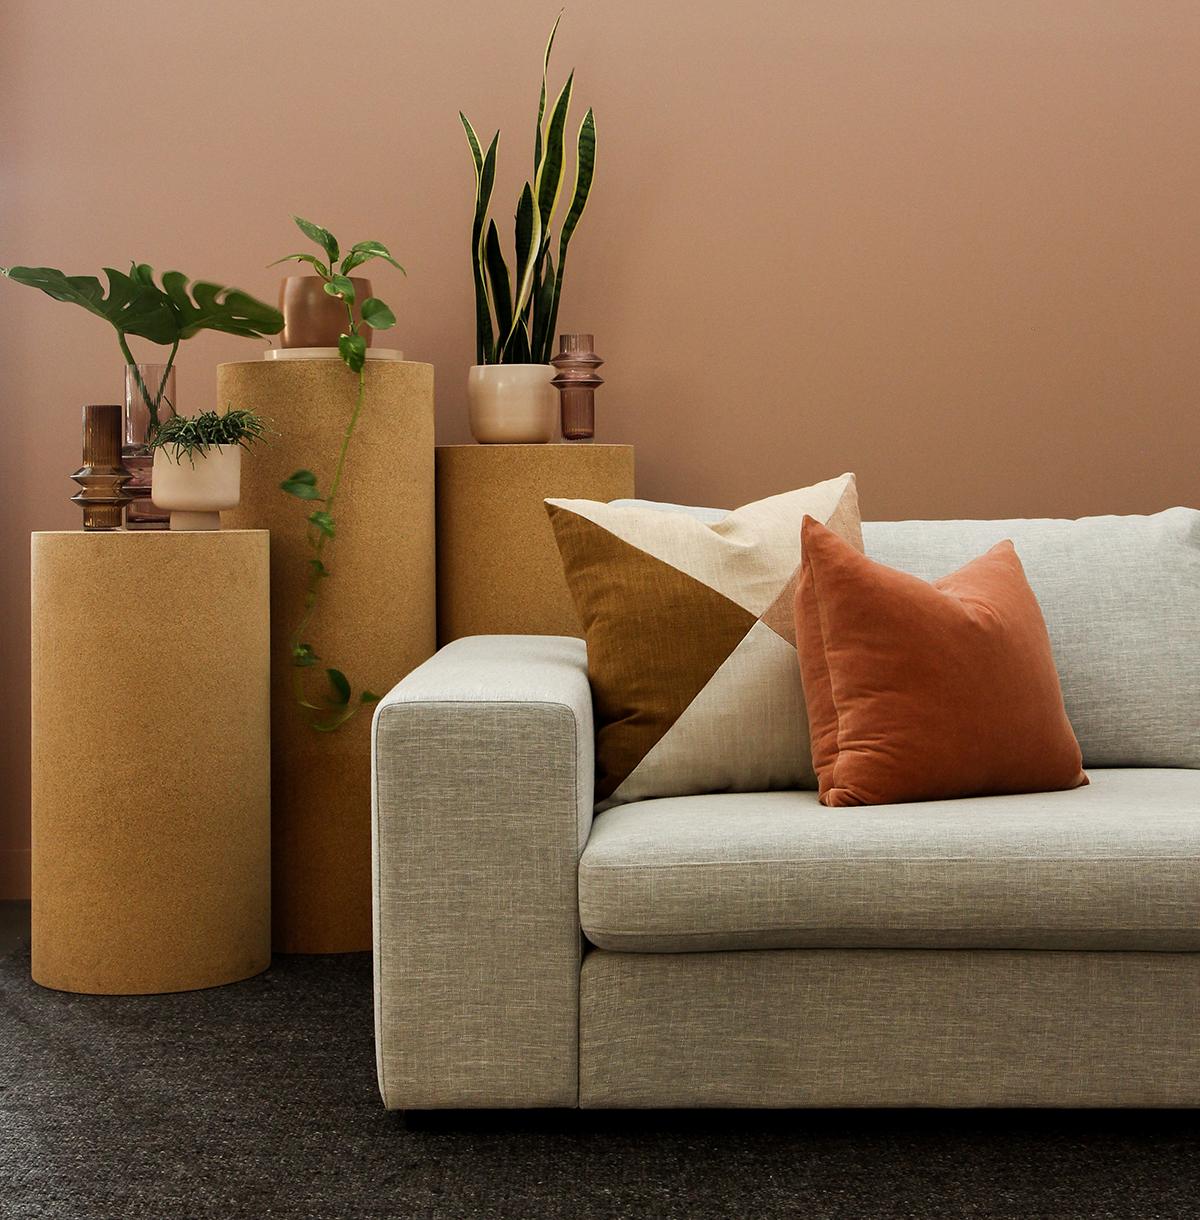 グレーのソファと暖色のコーディネート